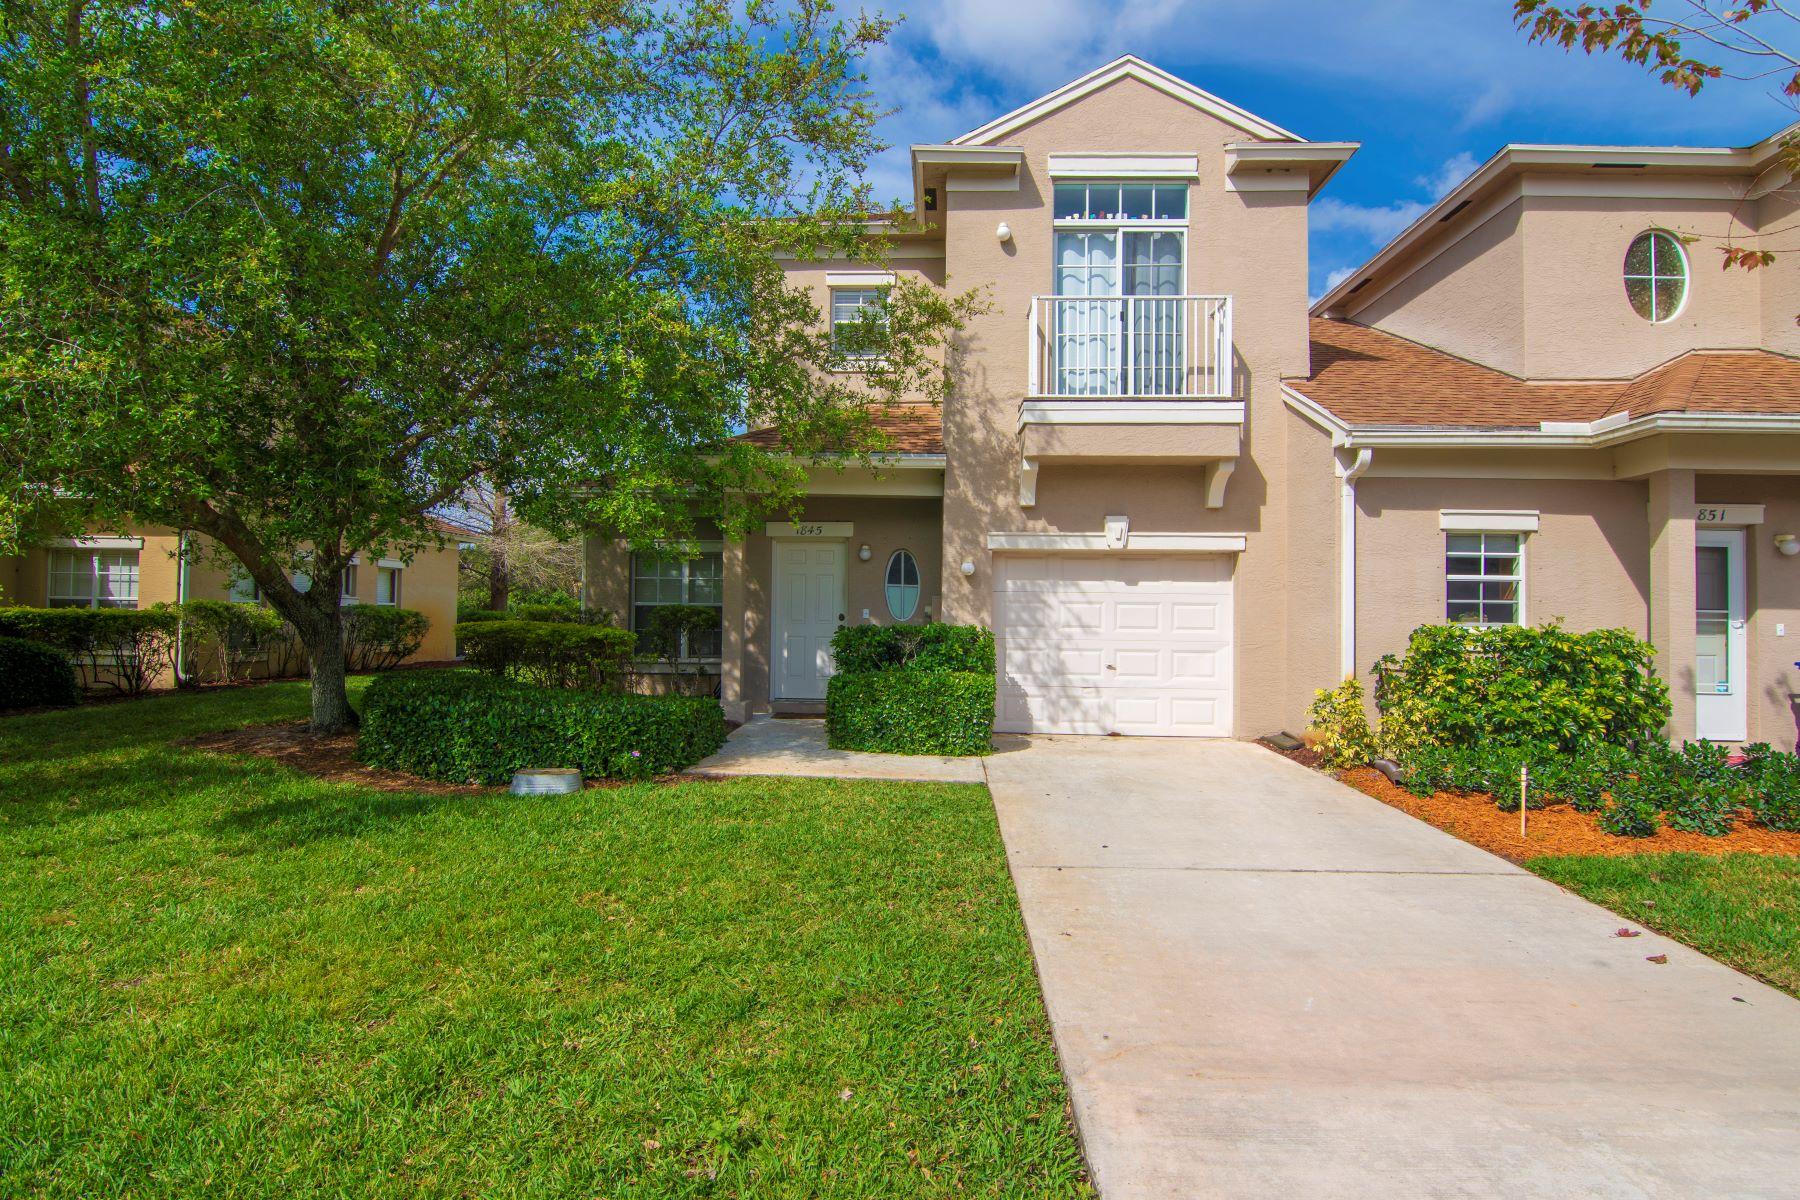 1845 77th Drive 1845 77th Drive 1845 Vero Beach, Florida 32966 Stati Uniti